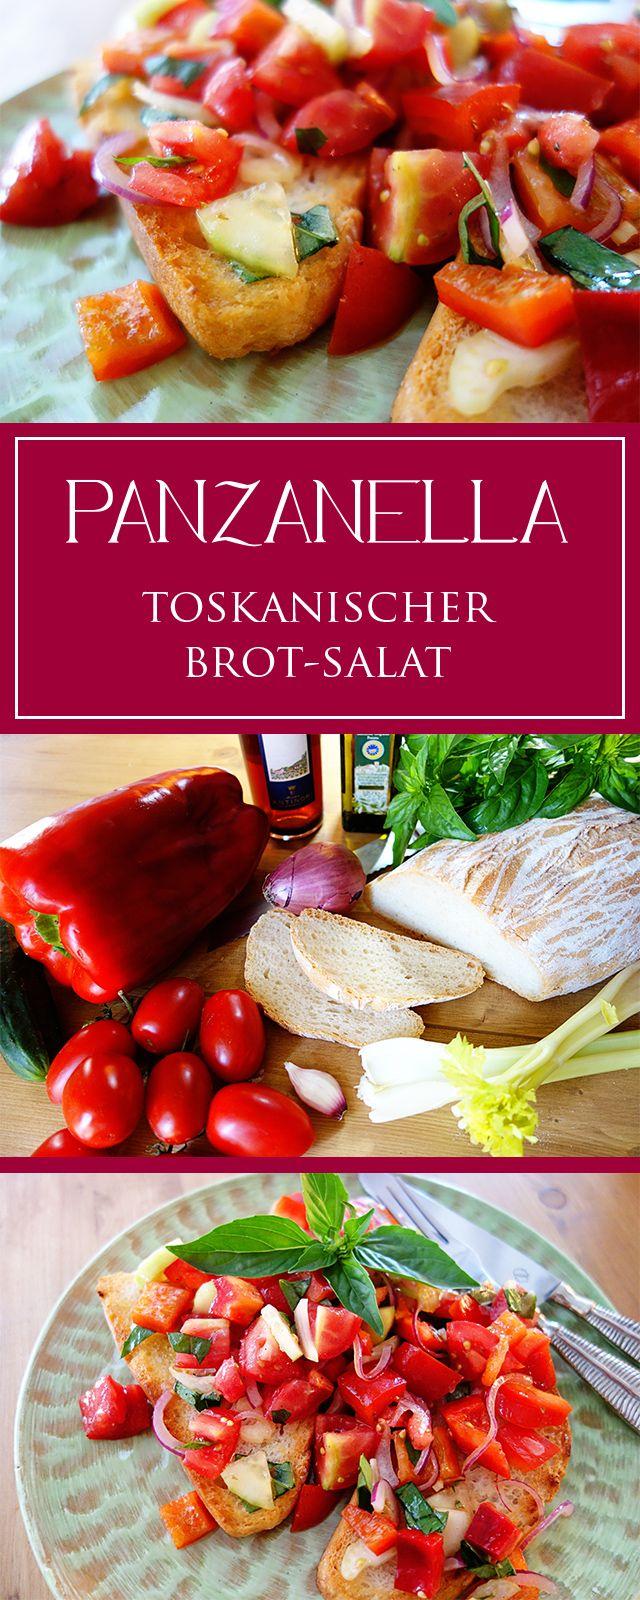 Panzanella: ein einfaches Rezept vom vegetarischen toskanischen Salat! Gesund, erfrischend, schnell gemacht & toll für den Sommer 😍😎 | cucina-con-amore.de